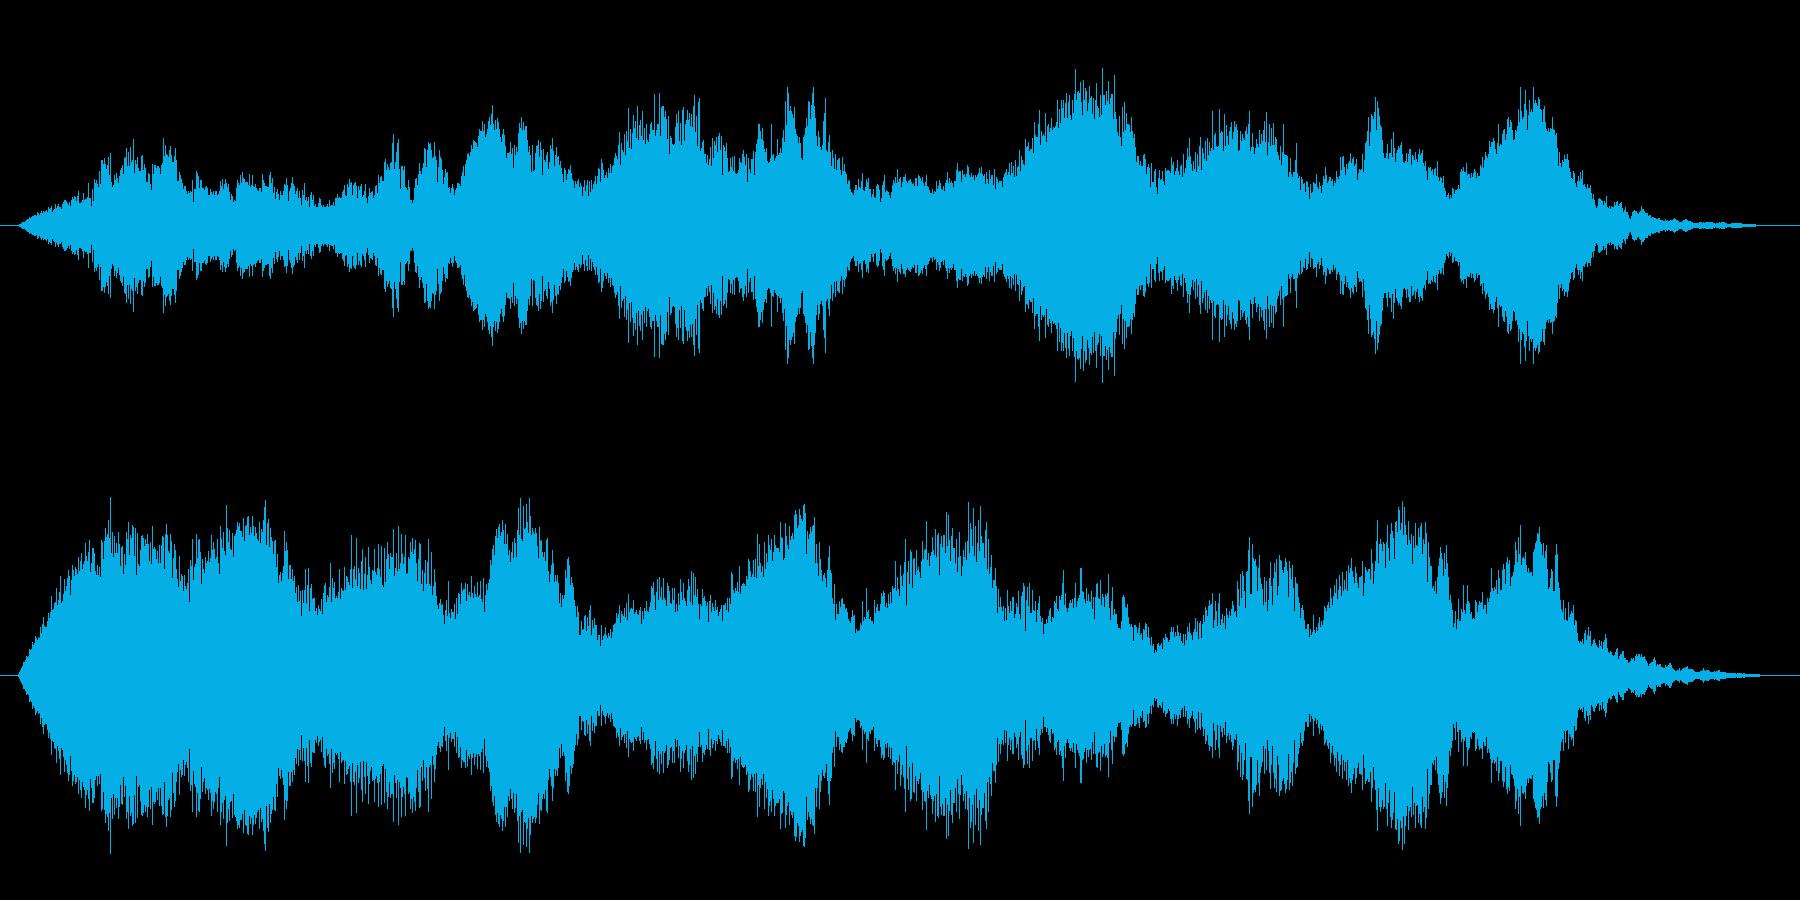 フォーンファーン(不思議、ファンタジー)の再生済みの波形